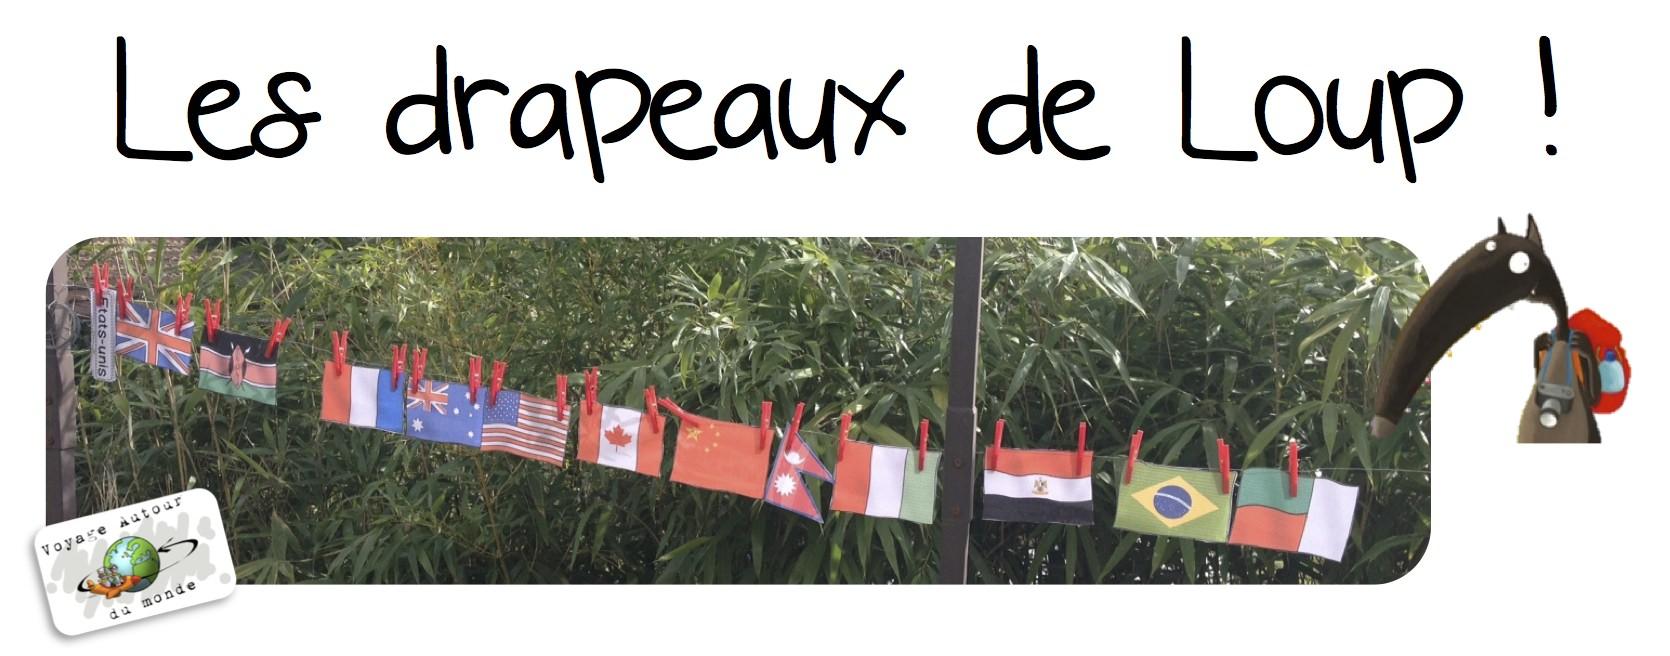 article les drapeaux de Loup